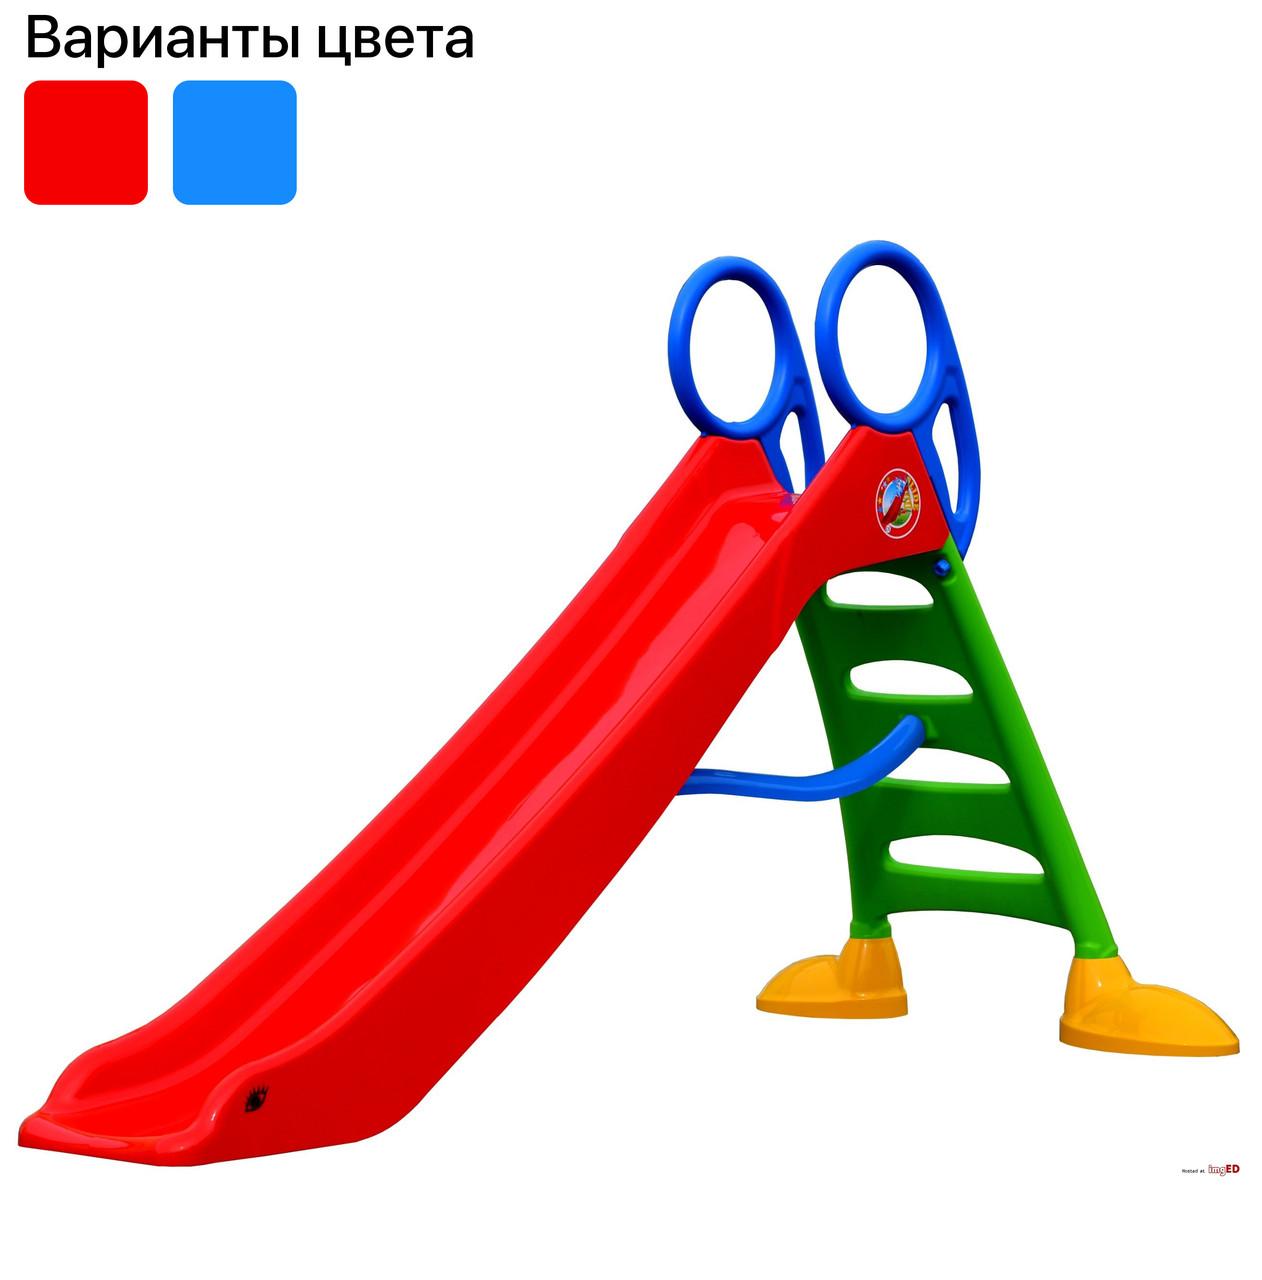 Гірка ігрова дитяча пластикова Mochtoys 2 м спуск для дітей